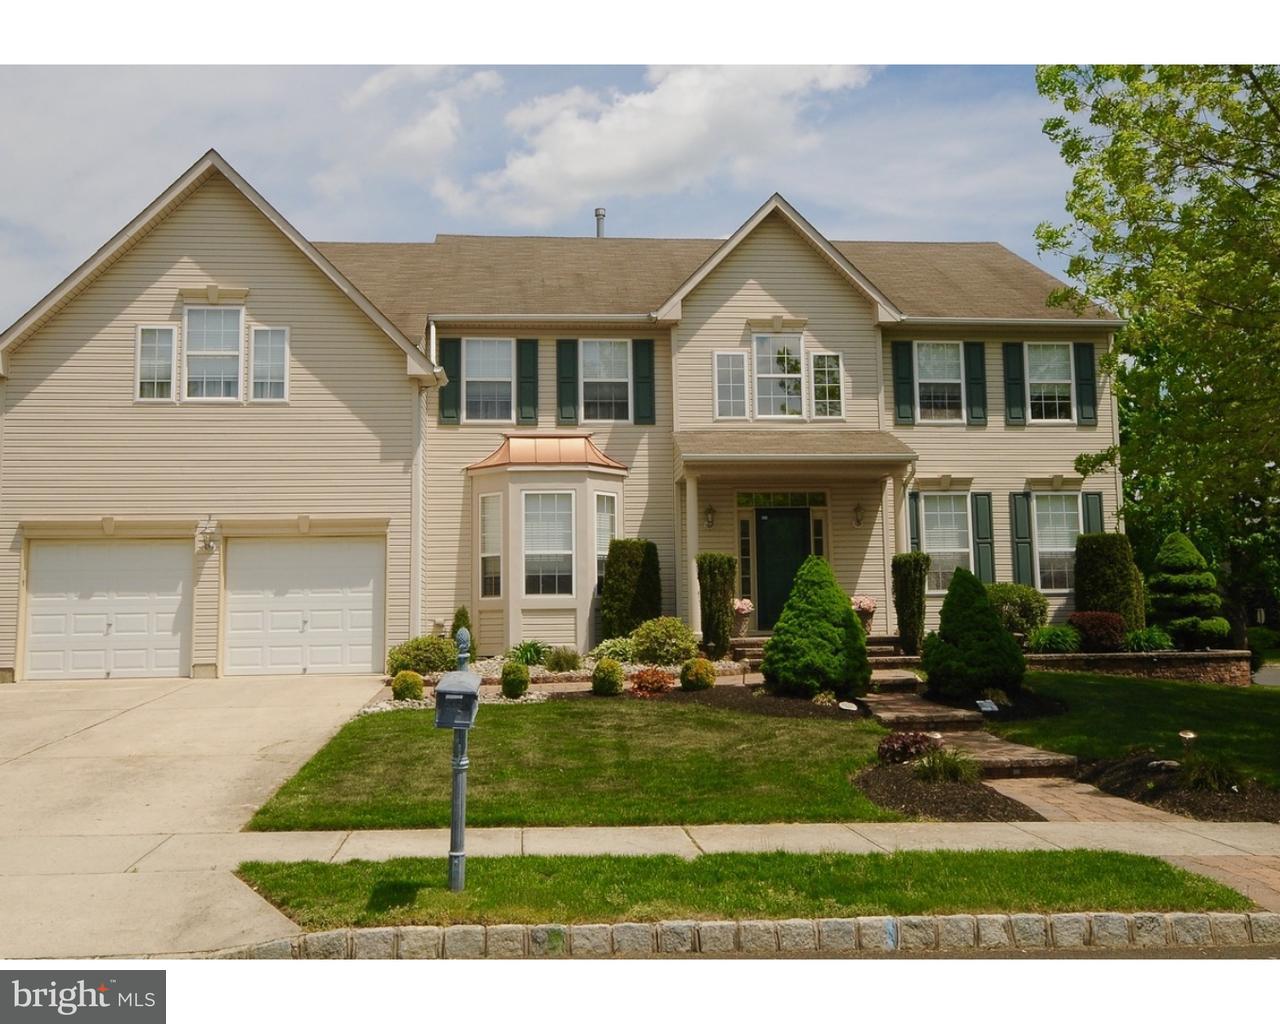 Casa Unifamiliar por un Venta en 2 NEWTON Circle Hainesport, Nueva Jersey 08036 Estados Unidos